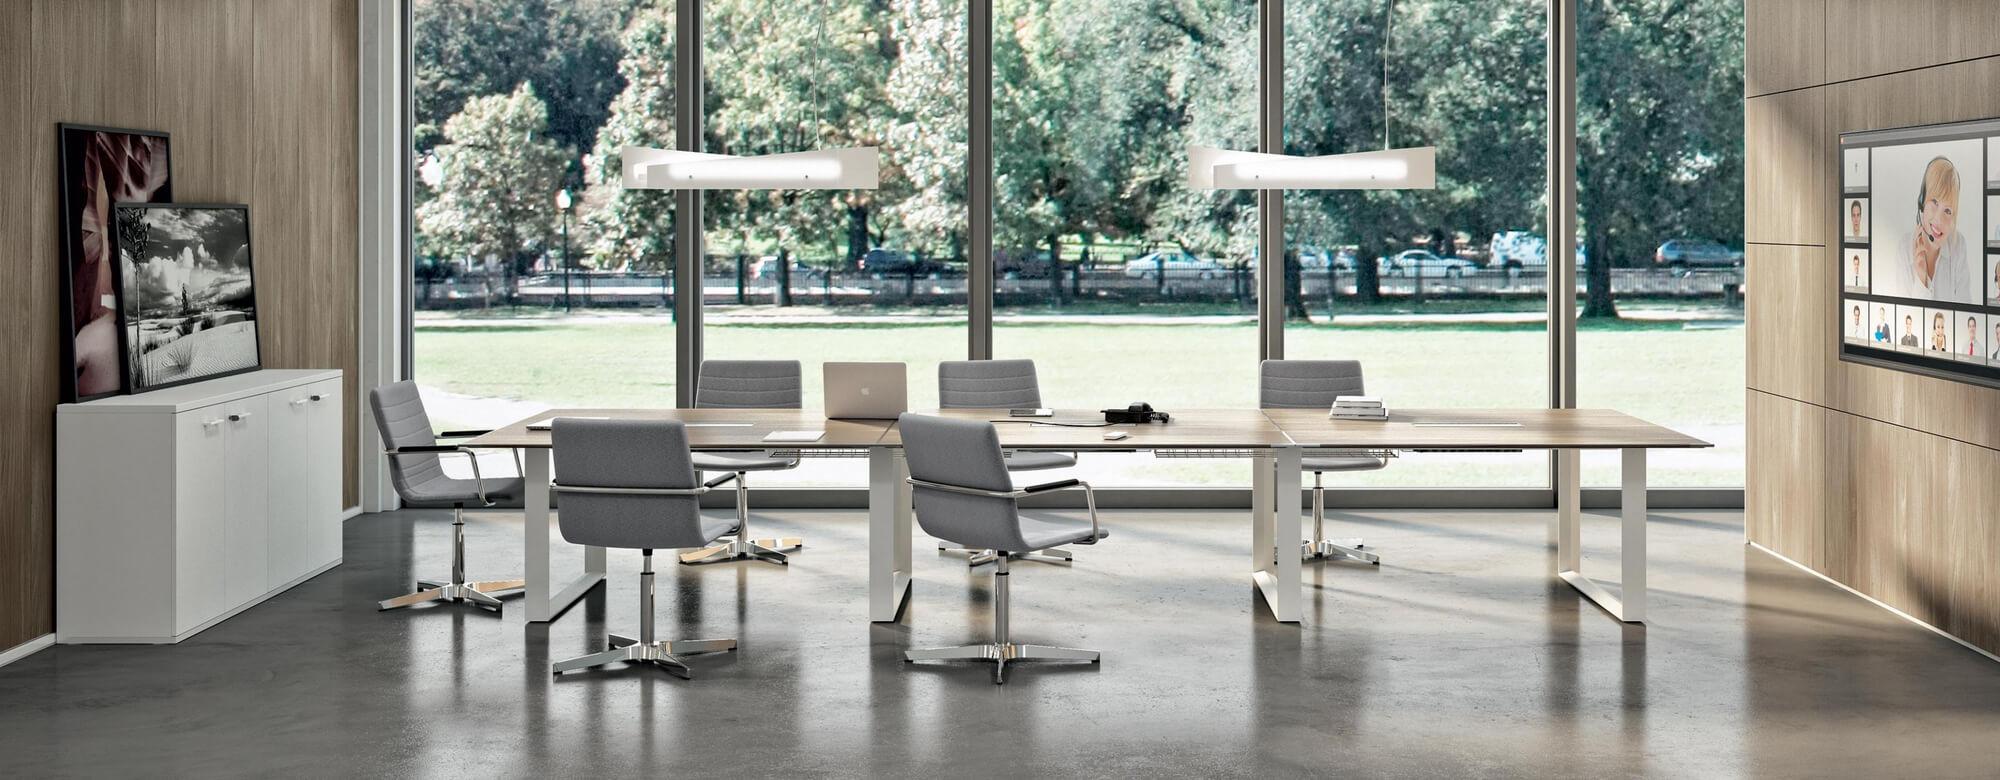 salas de reunión para oficinas